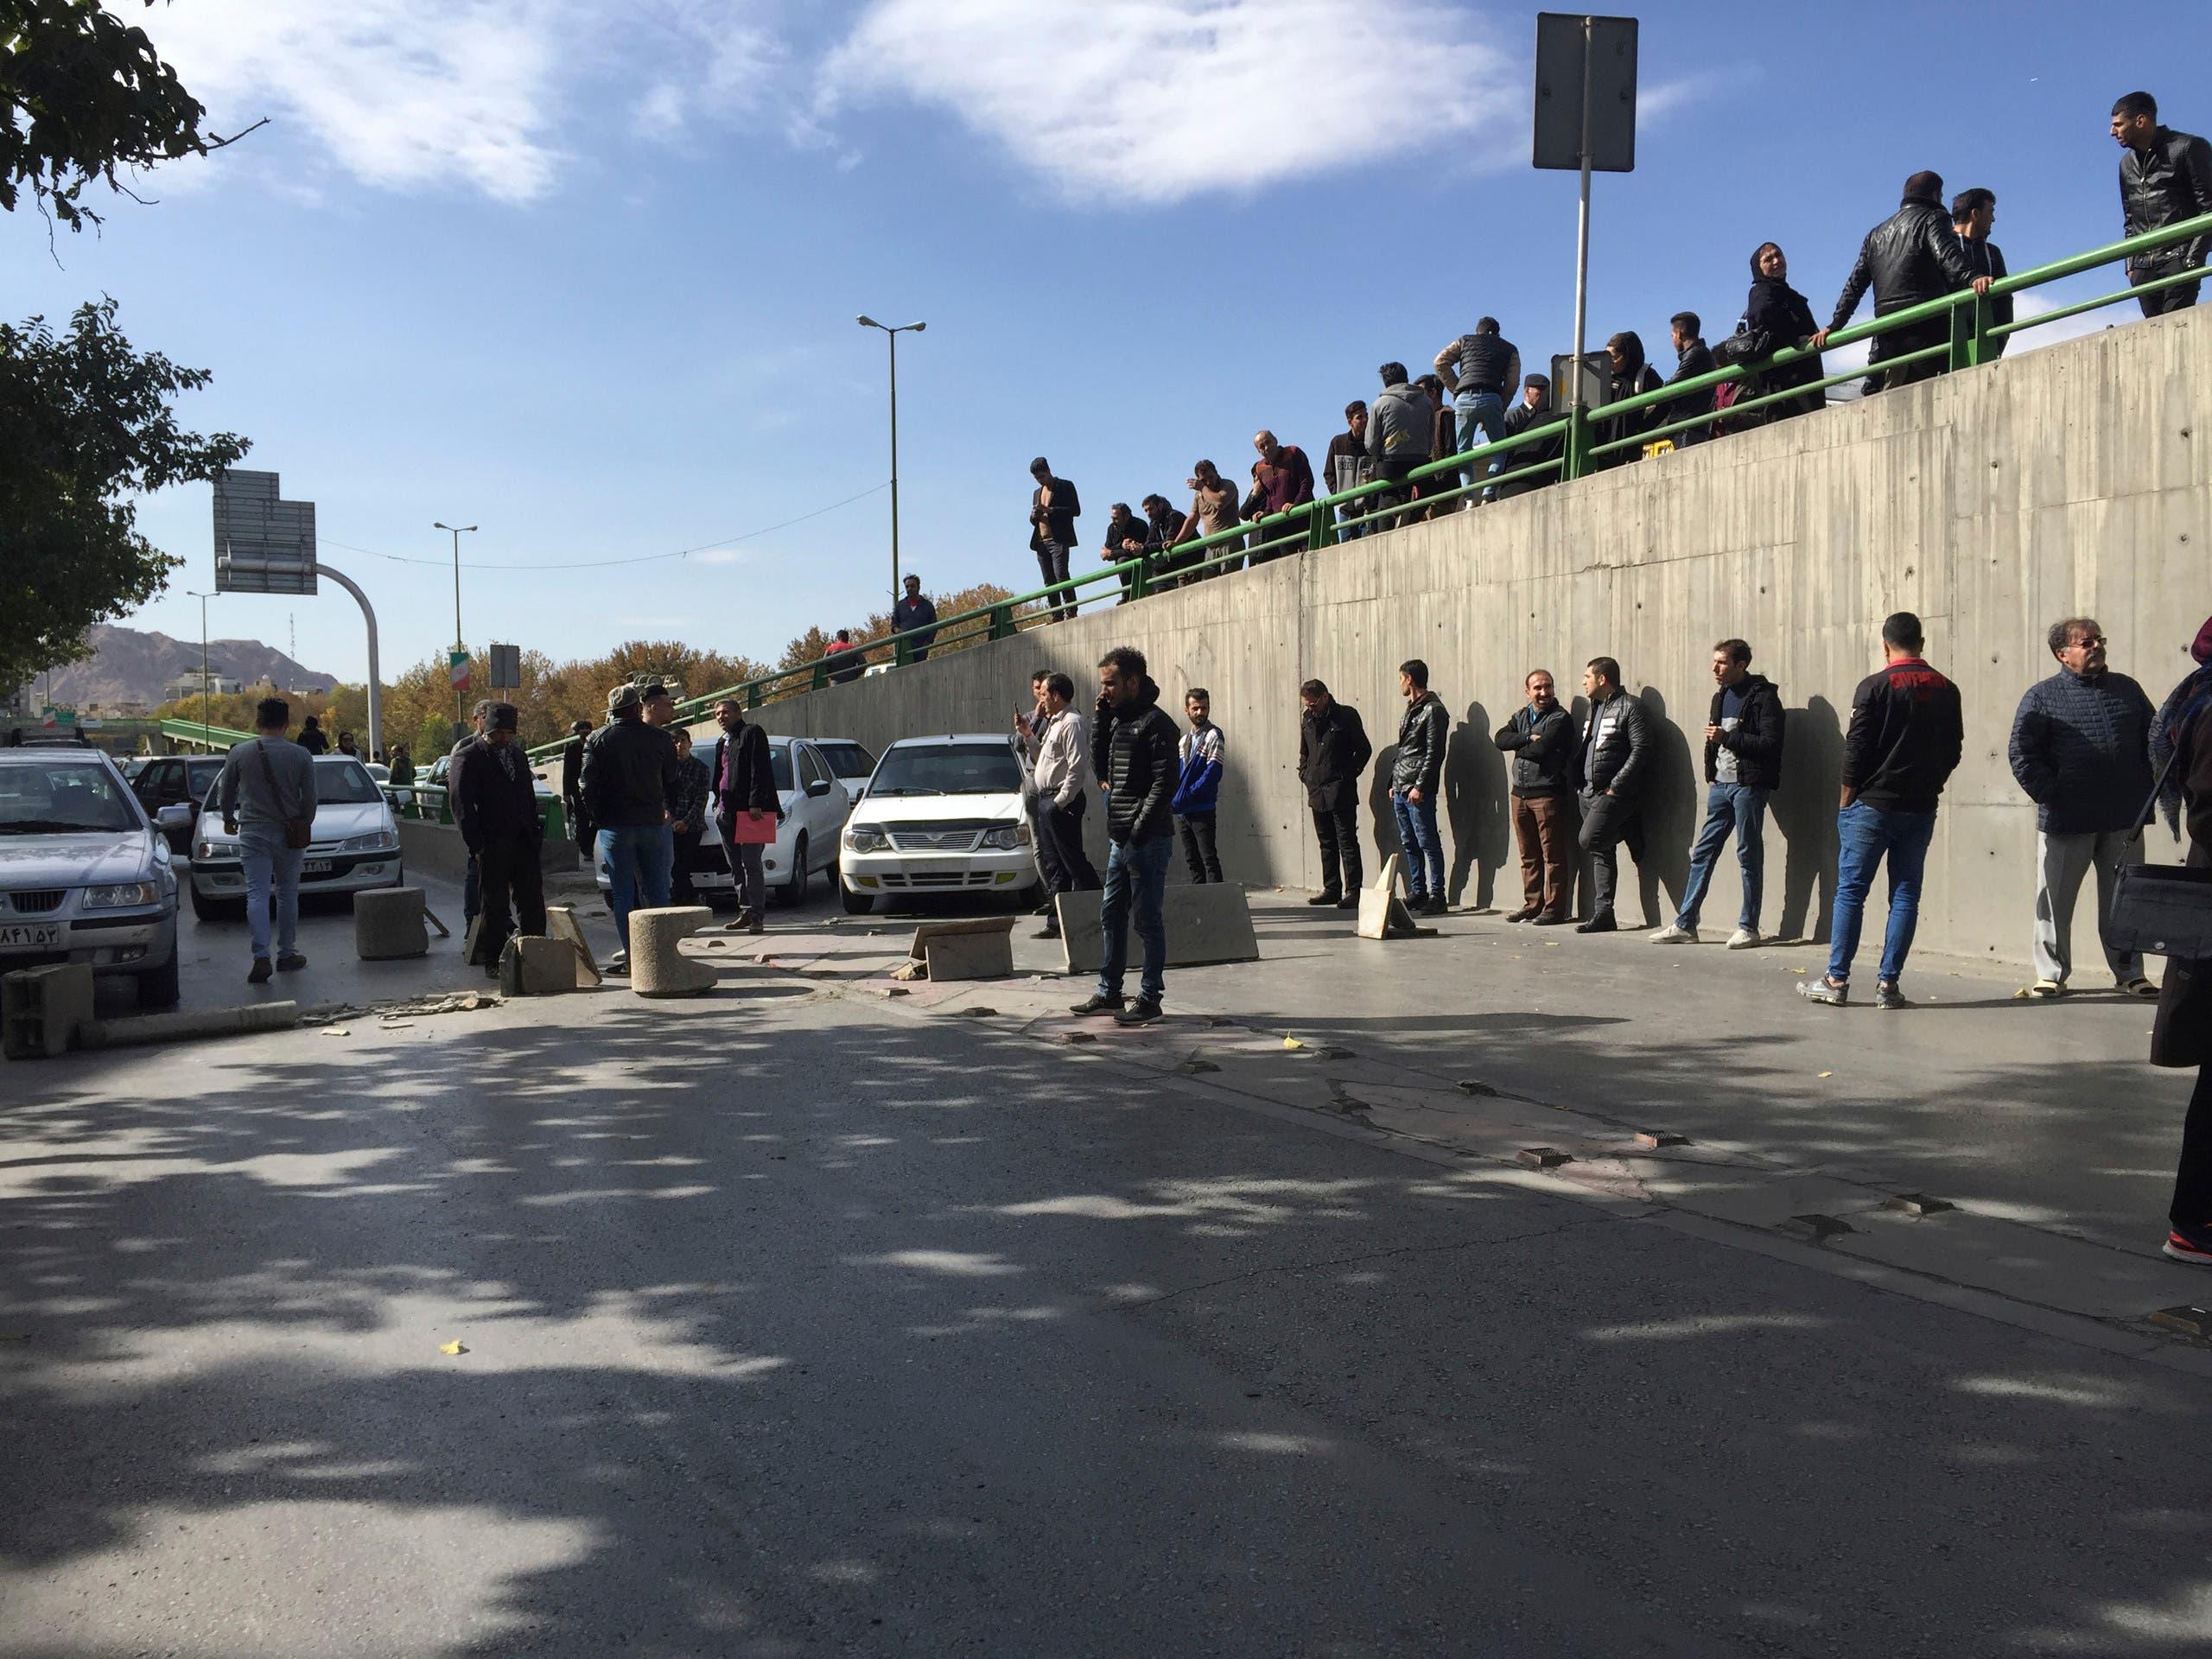 تظاهرات إيران أرشيفية - اسوشيتد برس